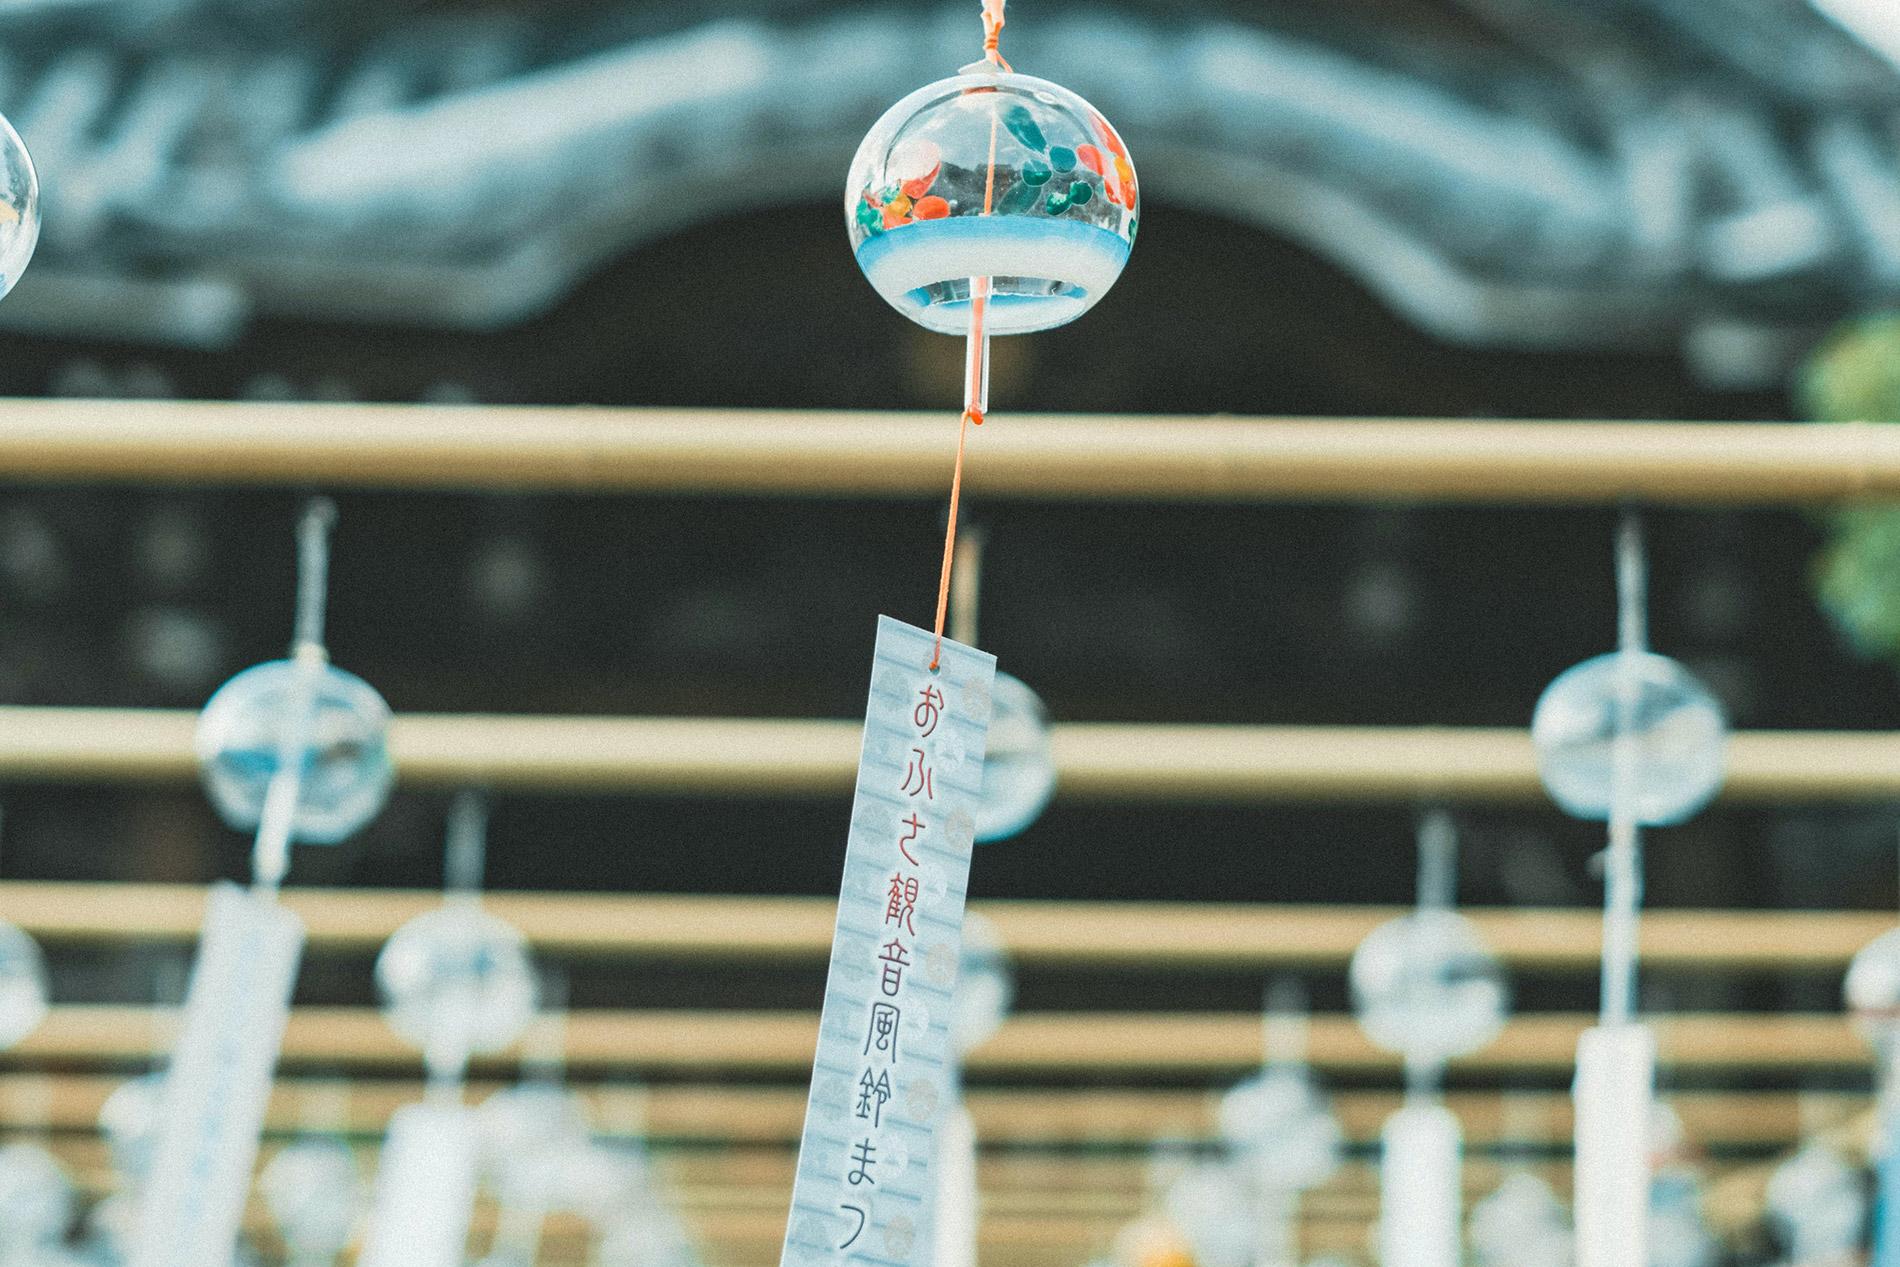 furin nennen sich die japanischen Windspiele, die durch ihren hellen Klang dem Hörer etwas Abkühlung im heißen japanischen Sommer verschaffen sollen. (Foto: nichiiro auf Unsplash https://unsplash.com/photos/EUgm5LYQwgk)